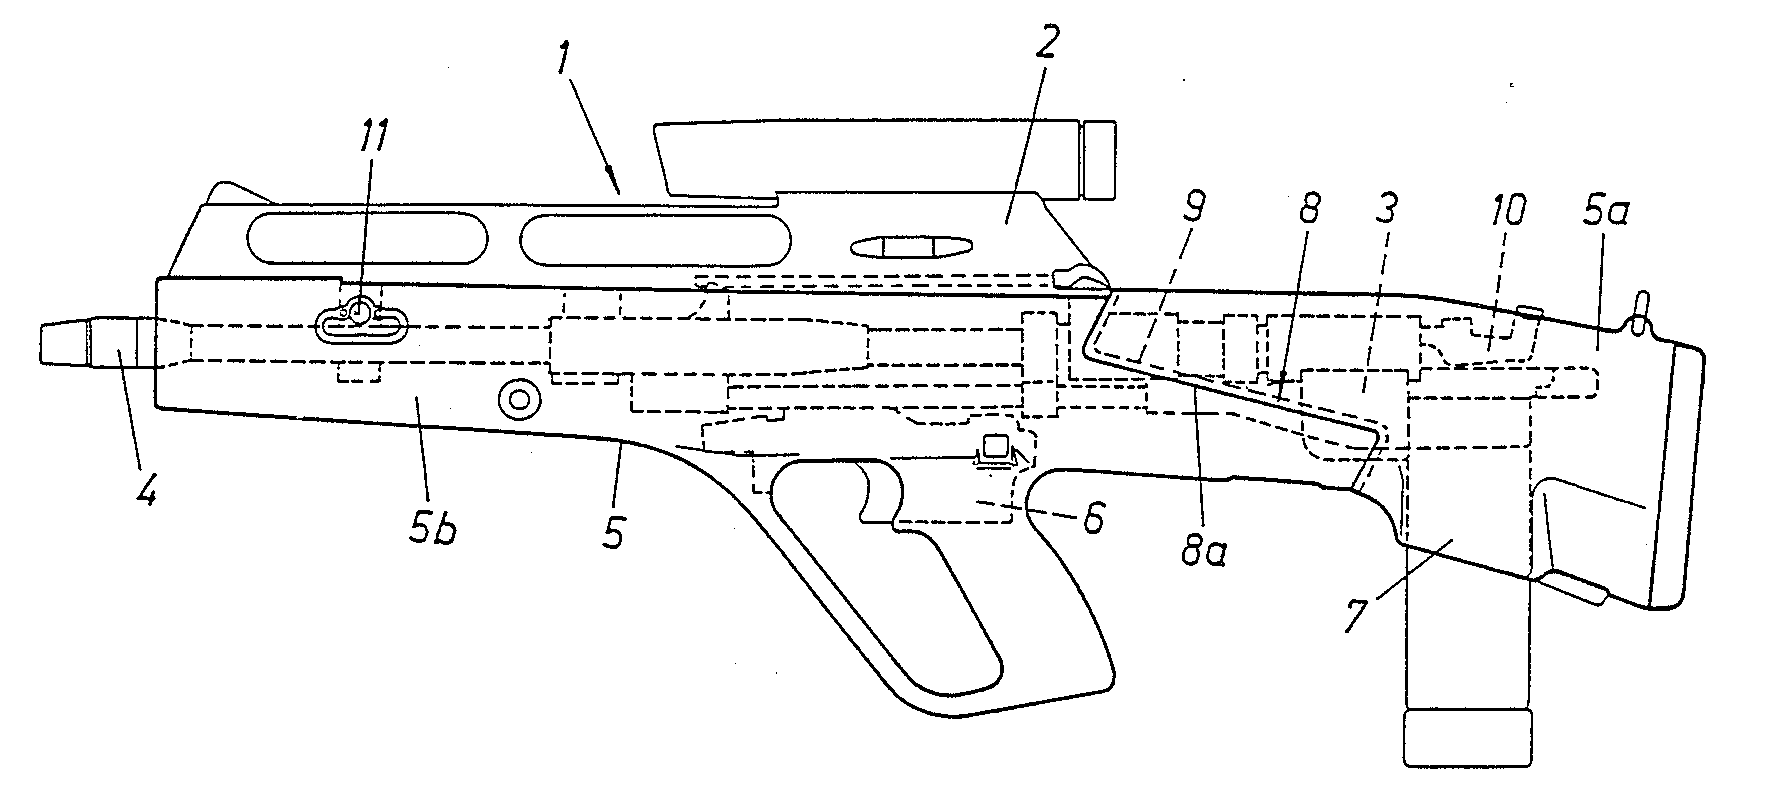 M16a1 Parts List